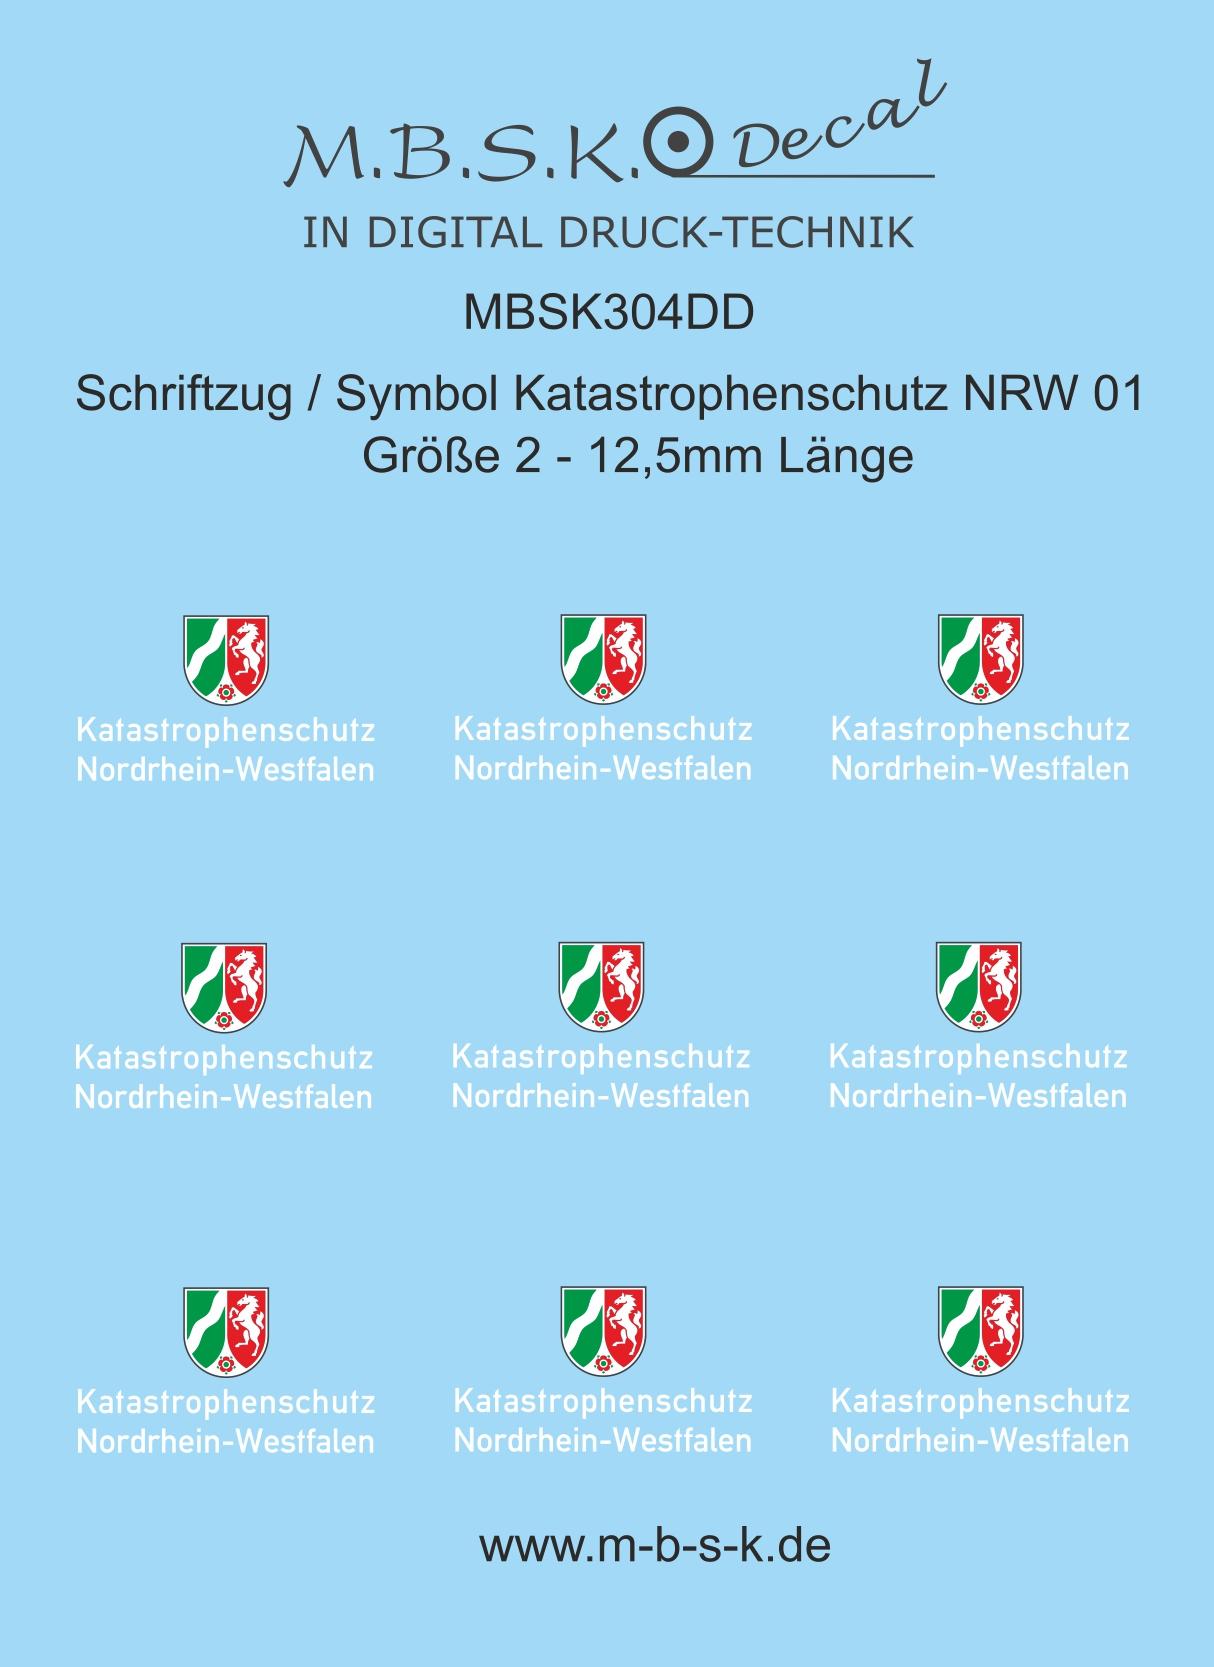 Schriftzug Symbol Katastrophenschutz NRW 211  Schrift weiß  Größe 21, 211,21mm  Länge Premium Digitaldruck Decal MBSK21DD